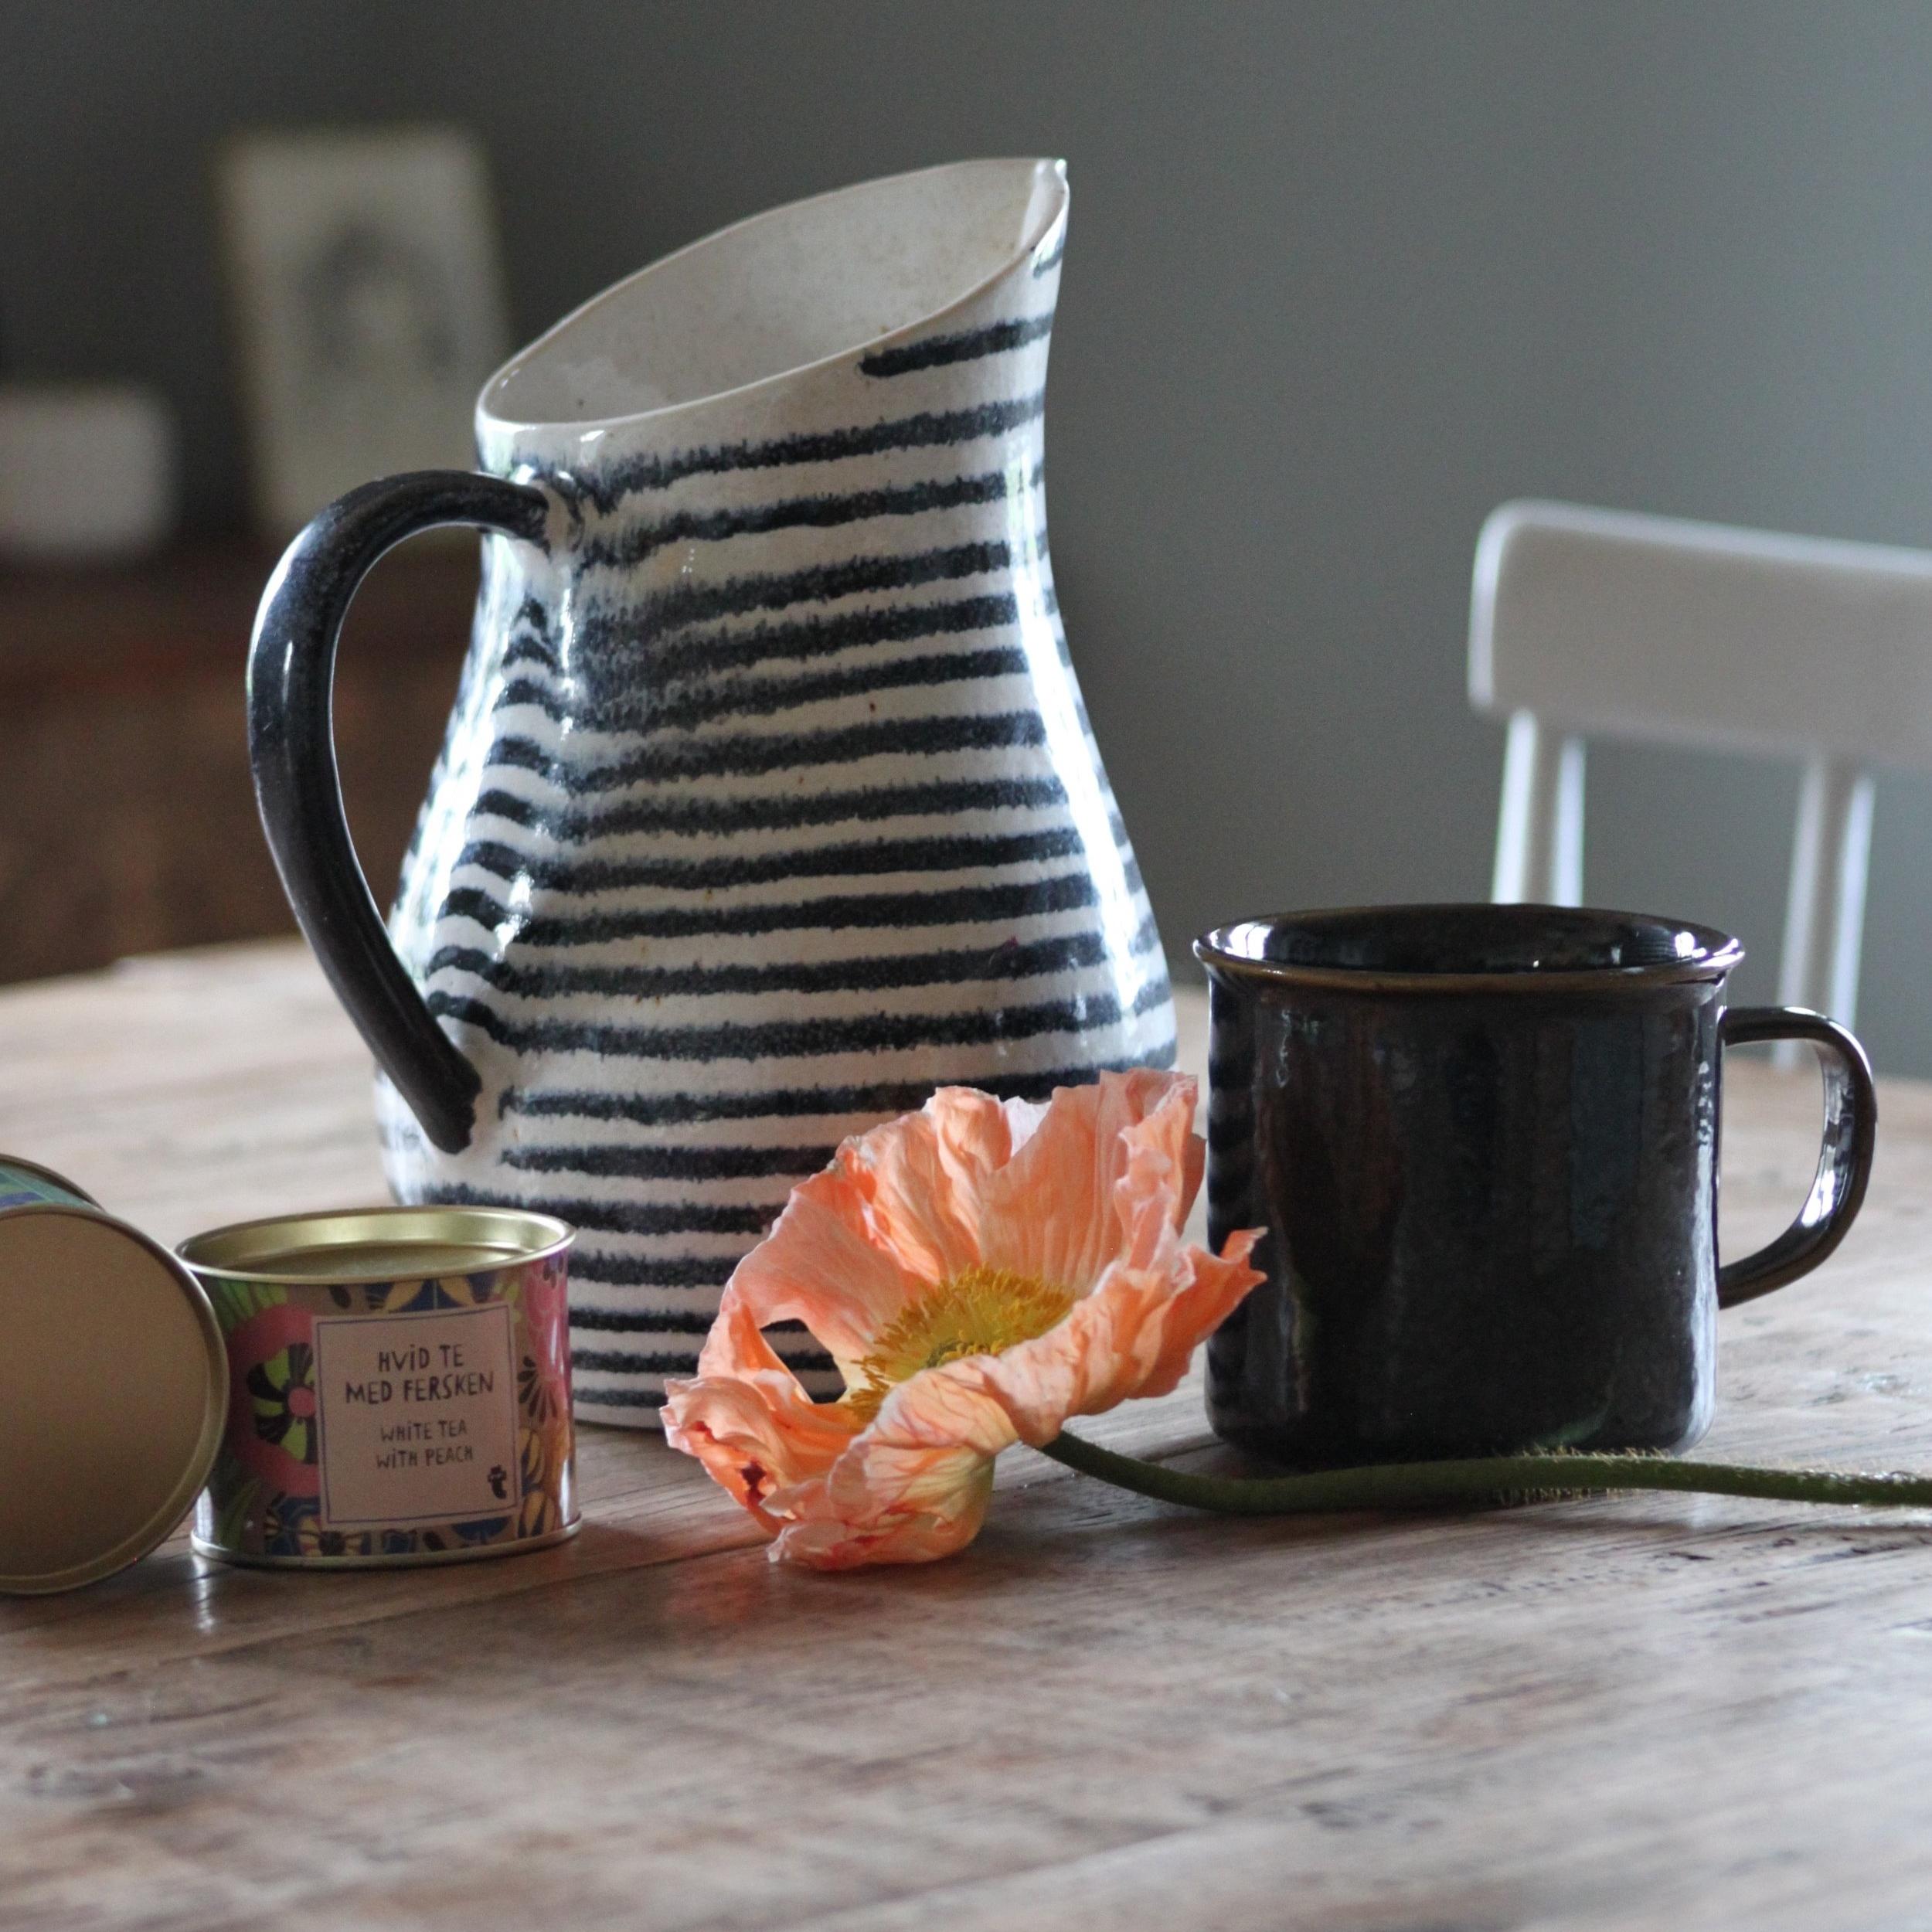 Für grosse Kaffee- oder Teetrinker ist dieser Keramikkrug perfekt. Die Tasse gibt es in verschiedenen Farben und sehen mir ihrem unperfekten Look sehr hübsch aus.   erhältlich bei  Interio  Preis Krug 29.90 CHF und Tasse 8.90 CHF